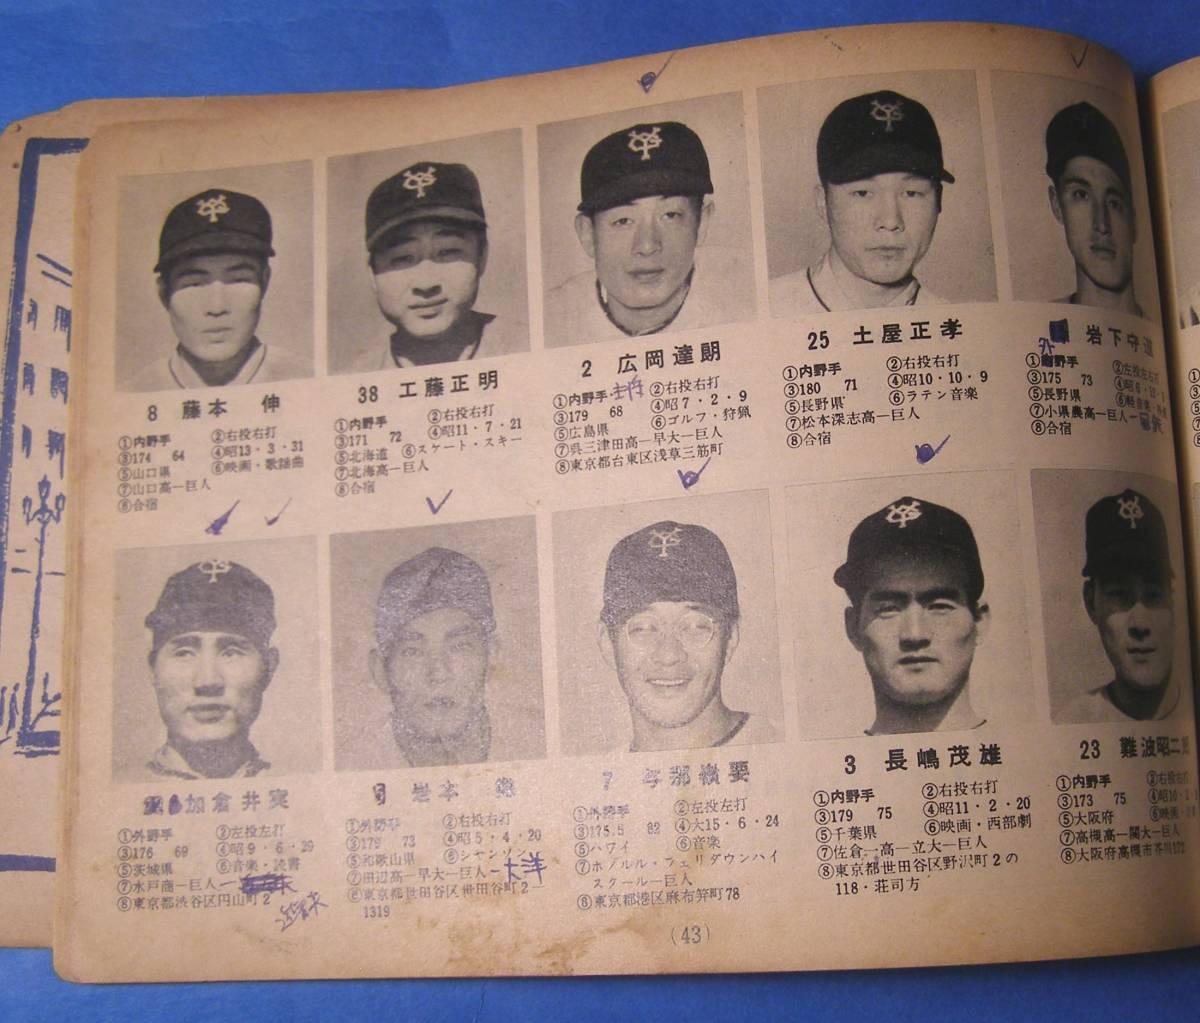 レア 1958年 プロ野球 一軍 二軍 全 選手 写真名鑑 長嶋 茂雄 ルーキー_画像2